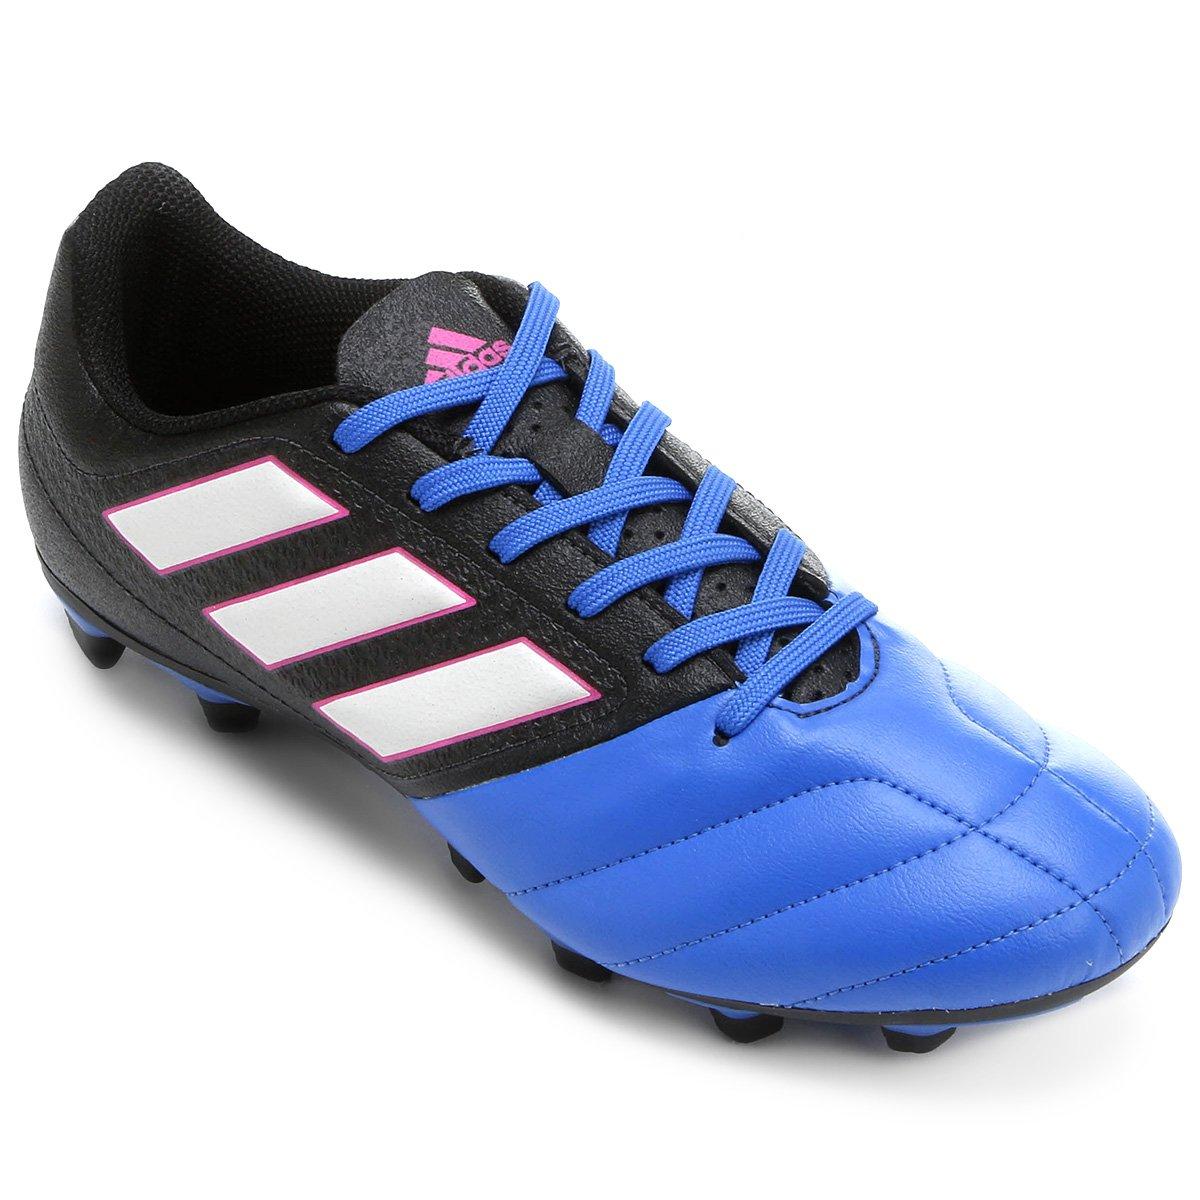 on sale 7941c 7623c Chuteira Campo Adidas Ace 17.4 FXG - Preto e Azul